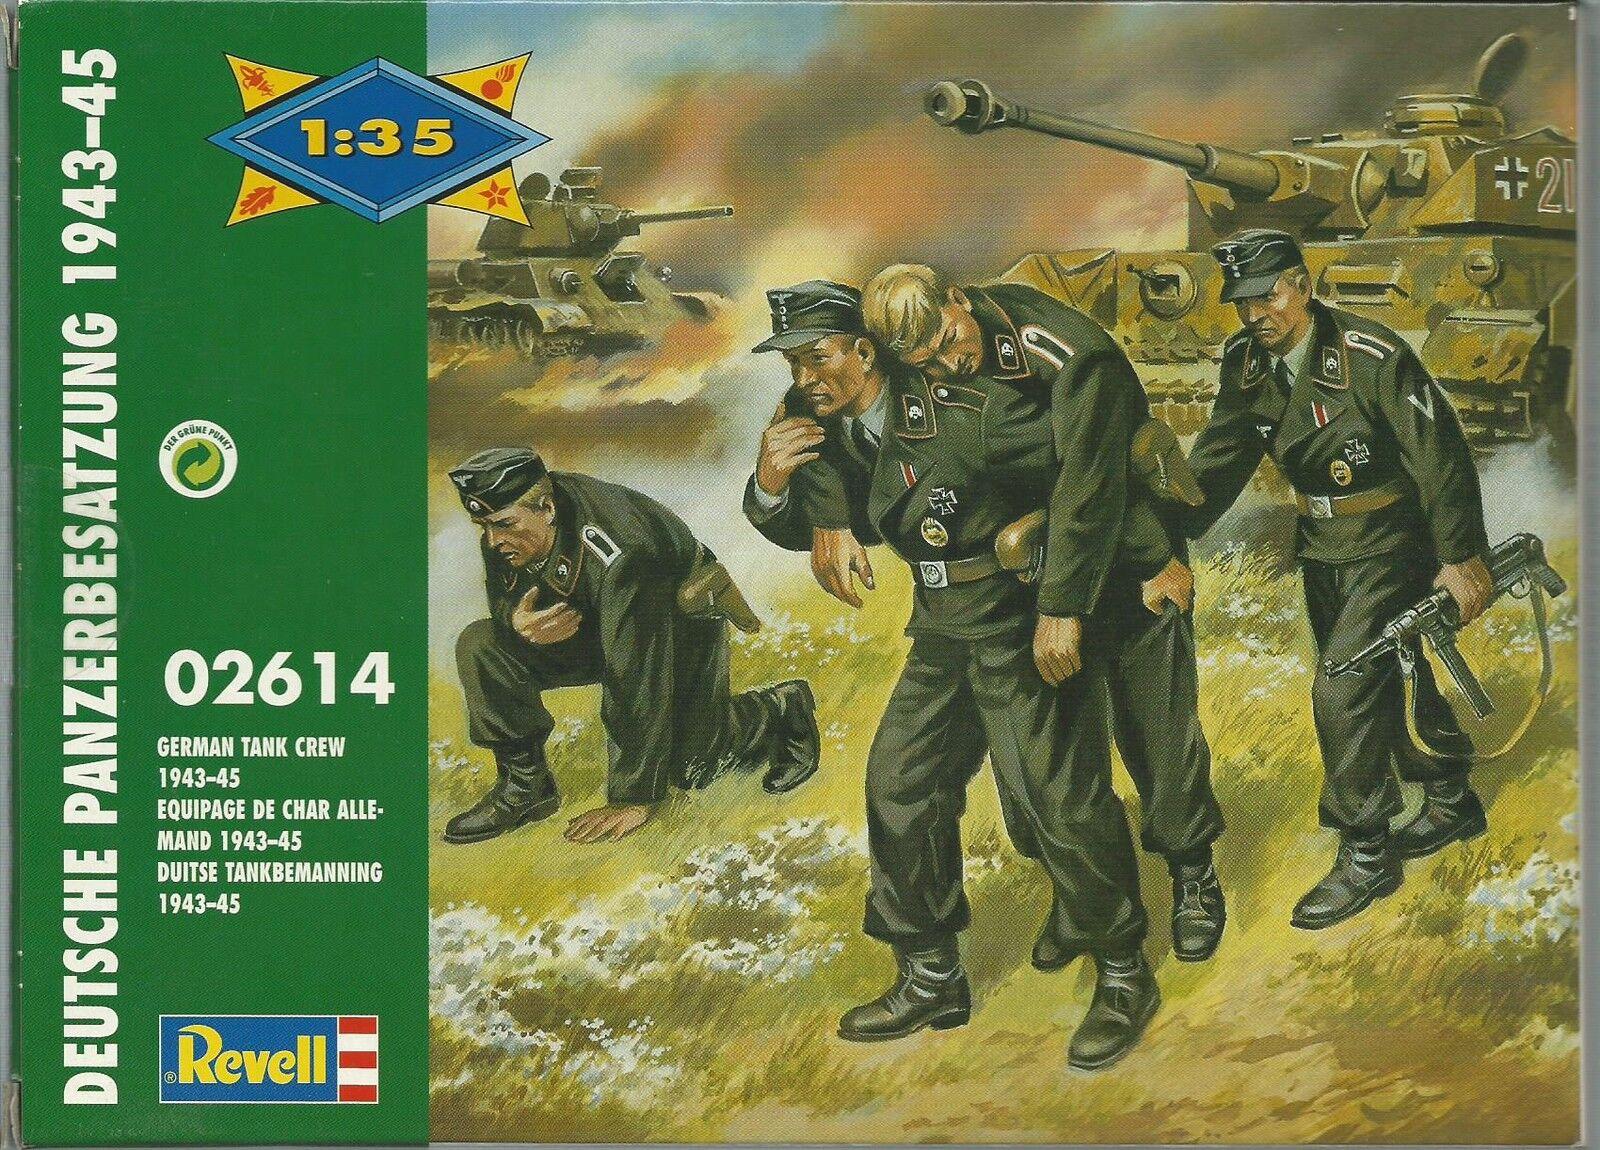 KIT REVELL 1 35 SOLDATINI  DEUTSCHE PANZERBESATZUNG 1943-45 ART ART ART 02614   2614 76557e